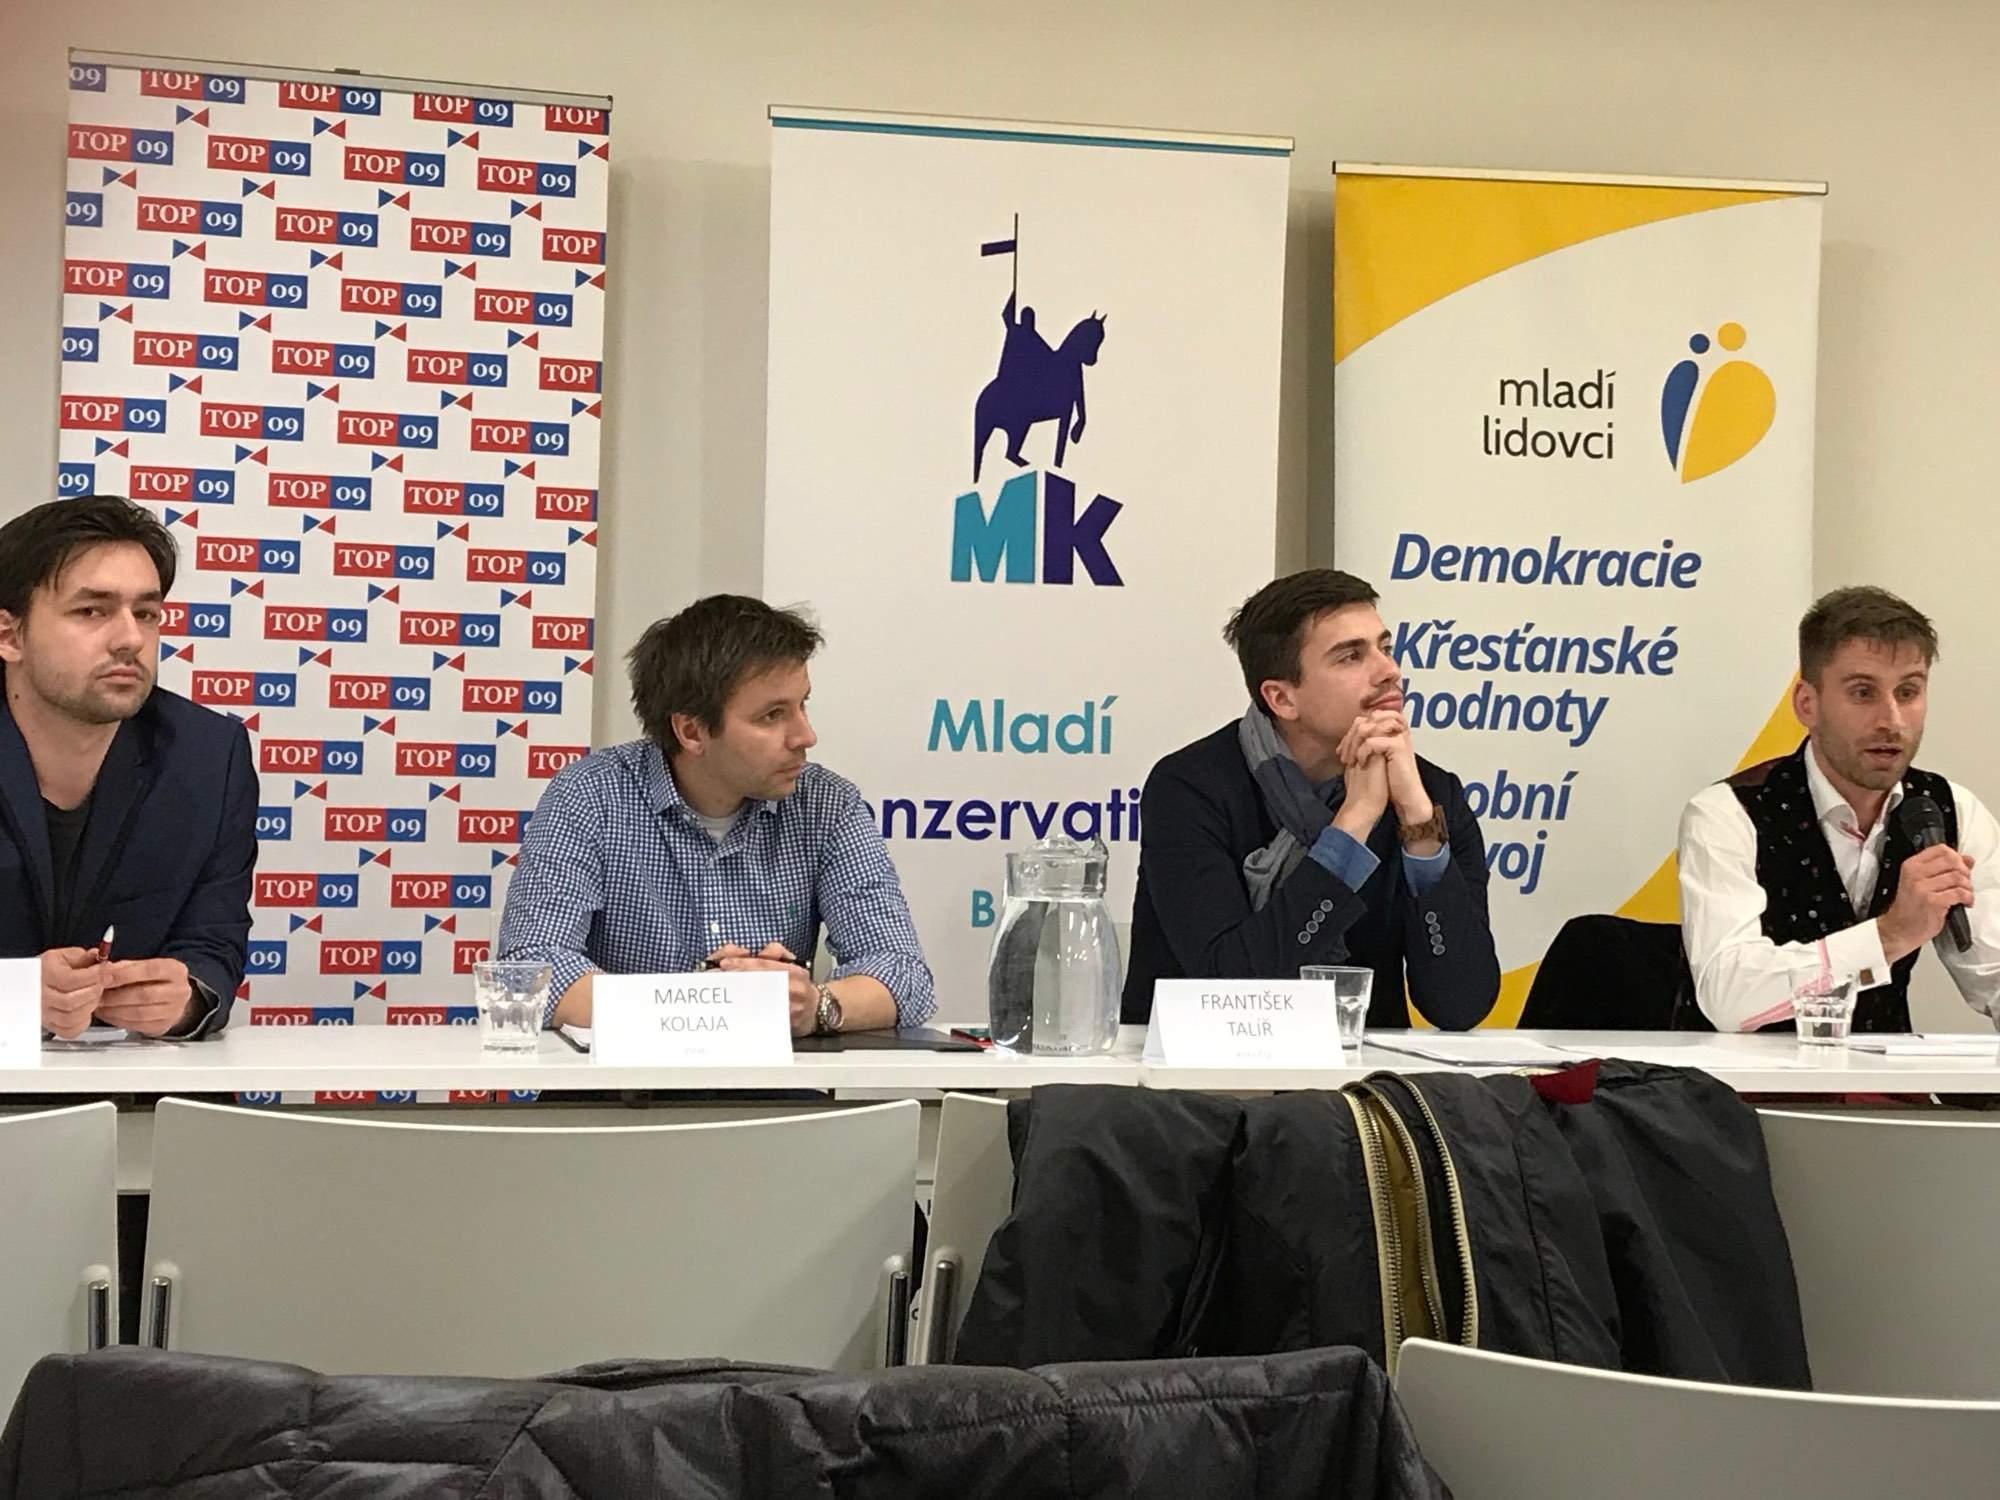 Kandidáti do Evropského parlamentu. Zleva A. Bóna, M. Kolaja, F. Talíř, T.I. Fénix. Foto: Vendula Kocandová